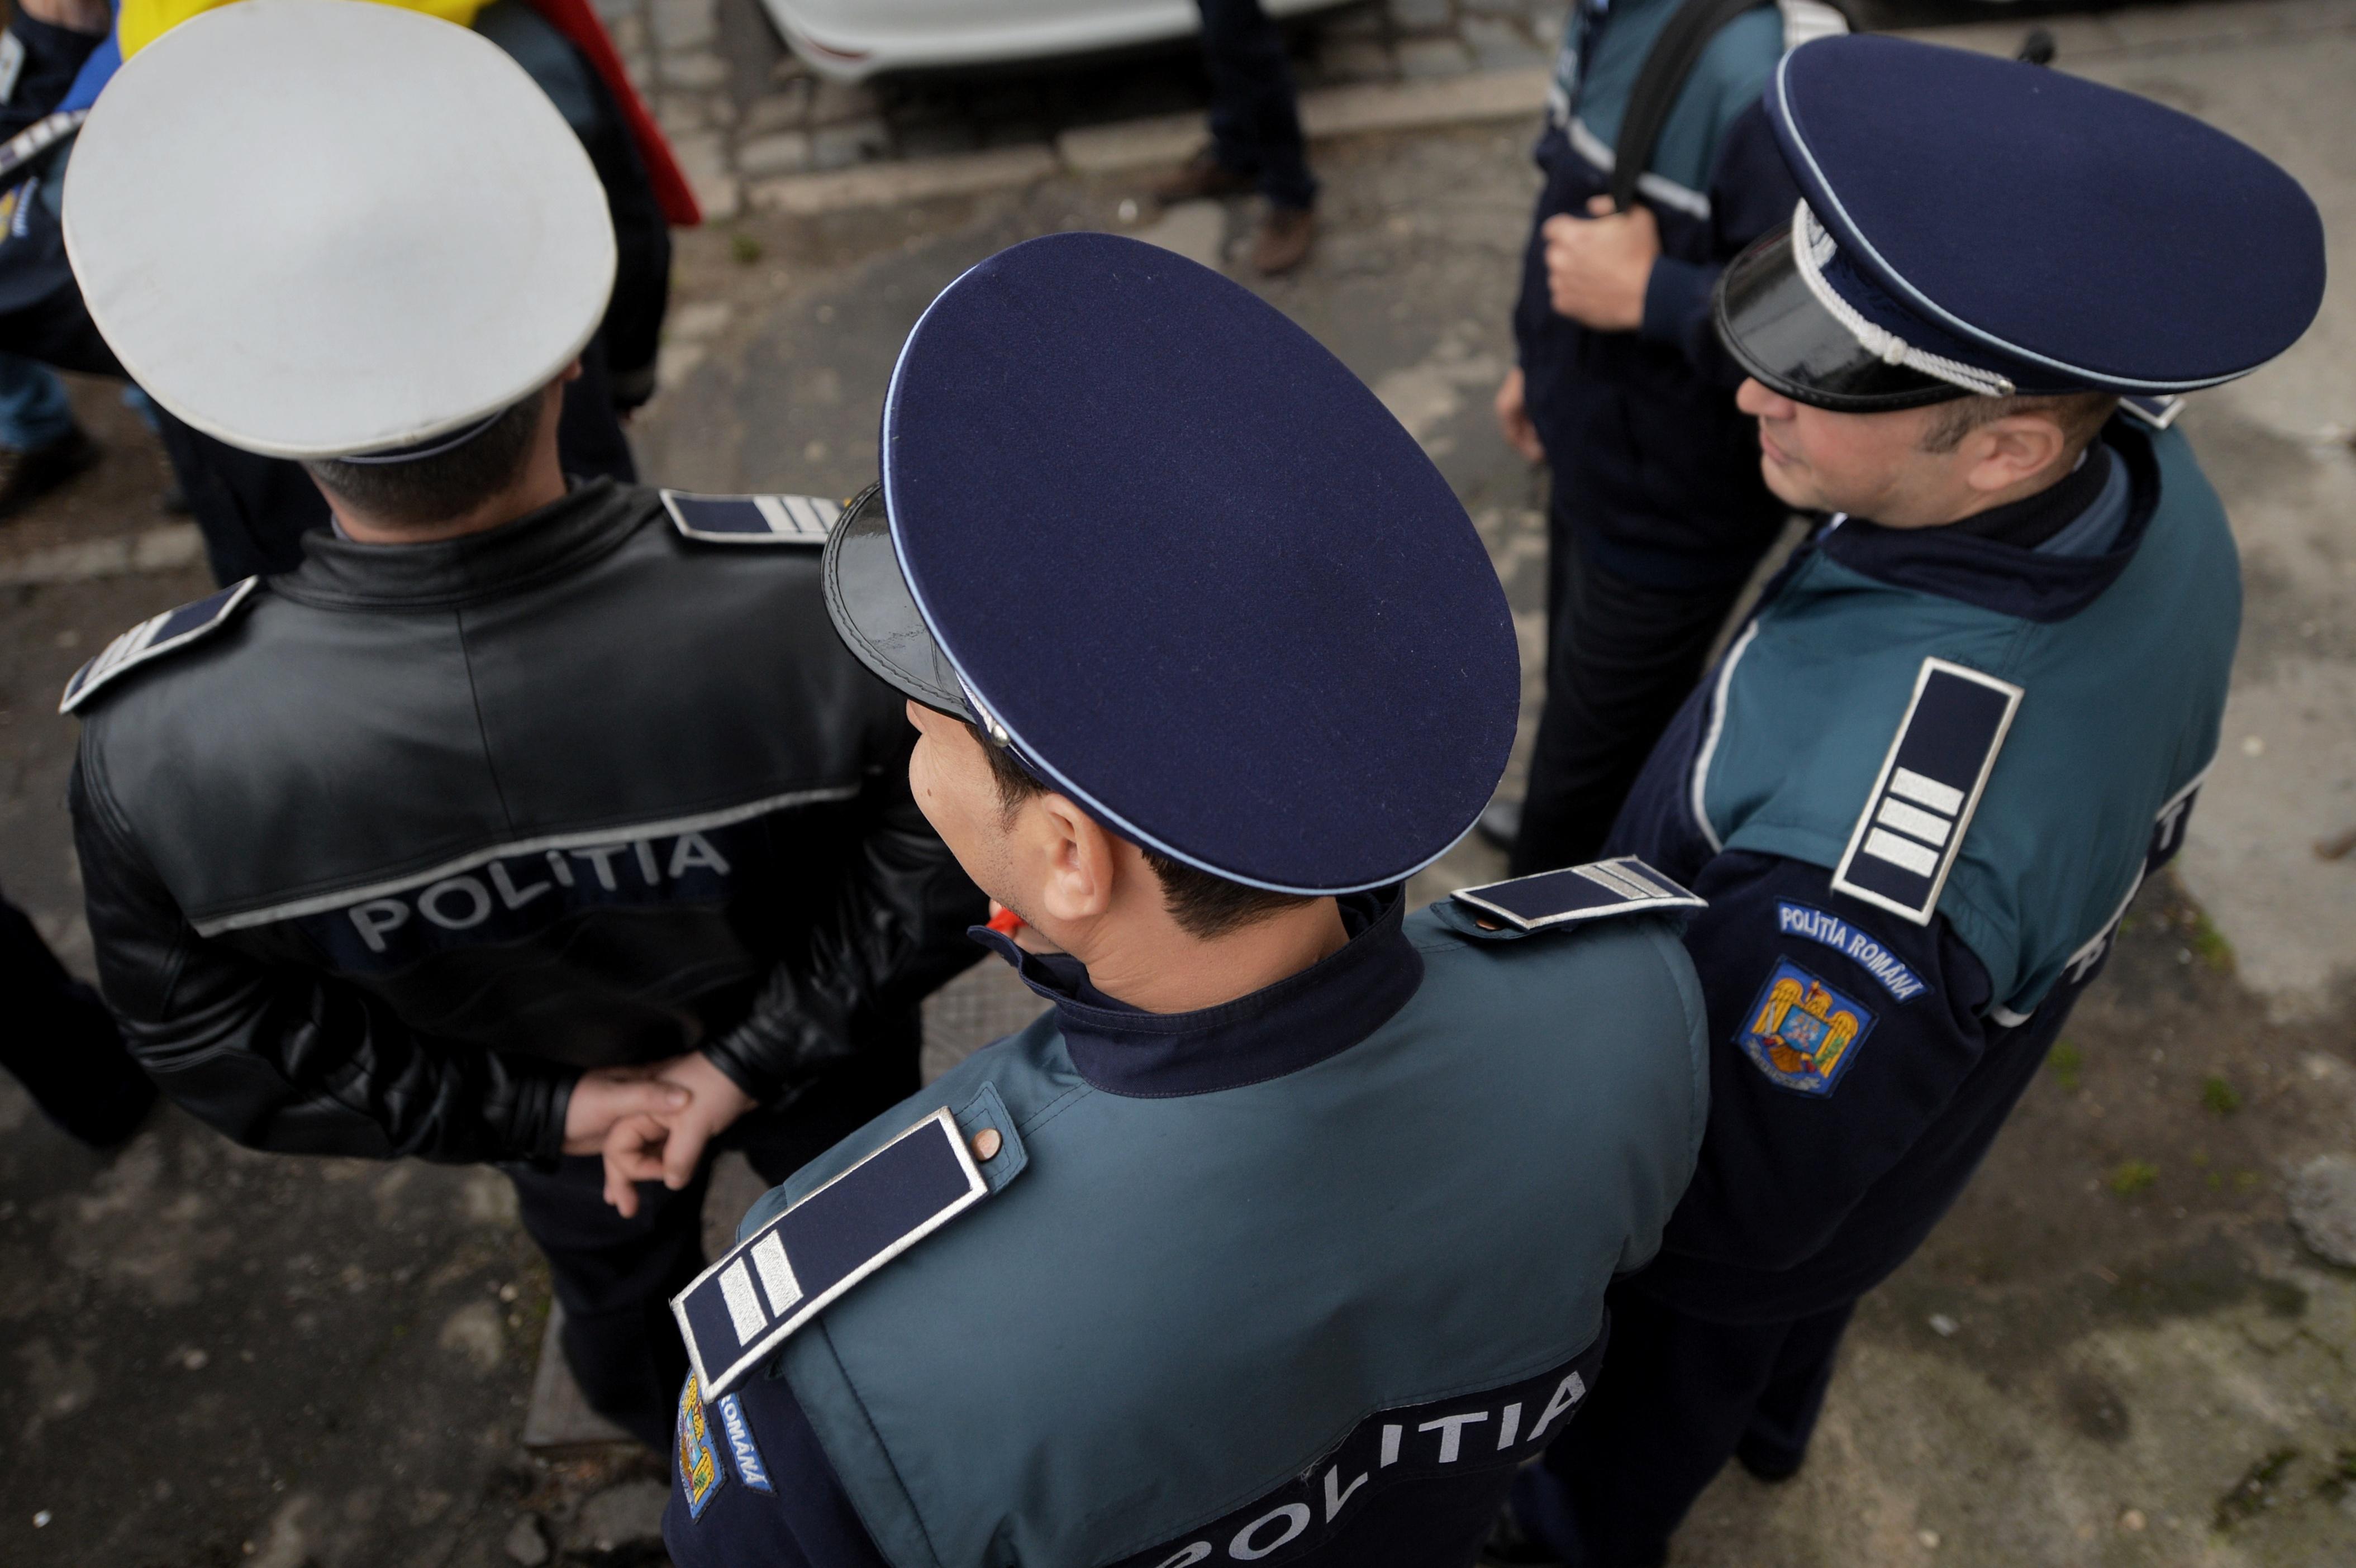 Mii de poliţişti au ieşit la pensie înainte de intrarea în vigoare a noii legi privind plafonarea PENSIILOR speciale. Care este numărul de angajaţi de care ar avea nevoie MAI